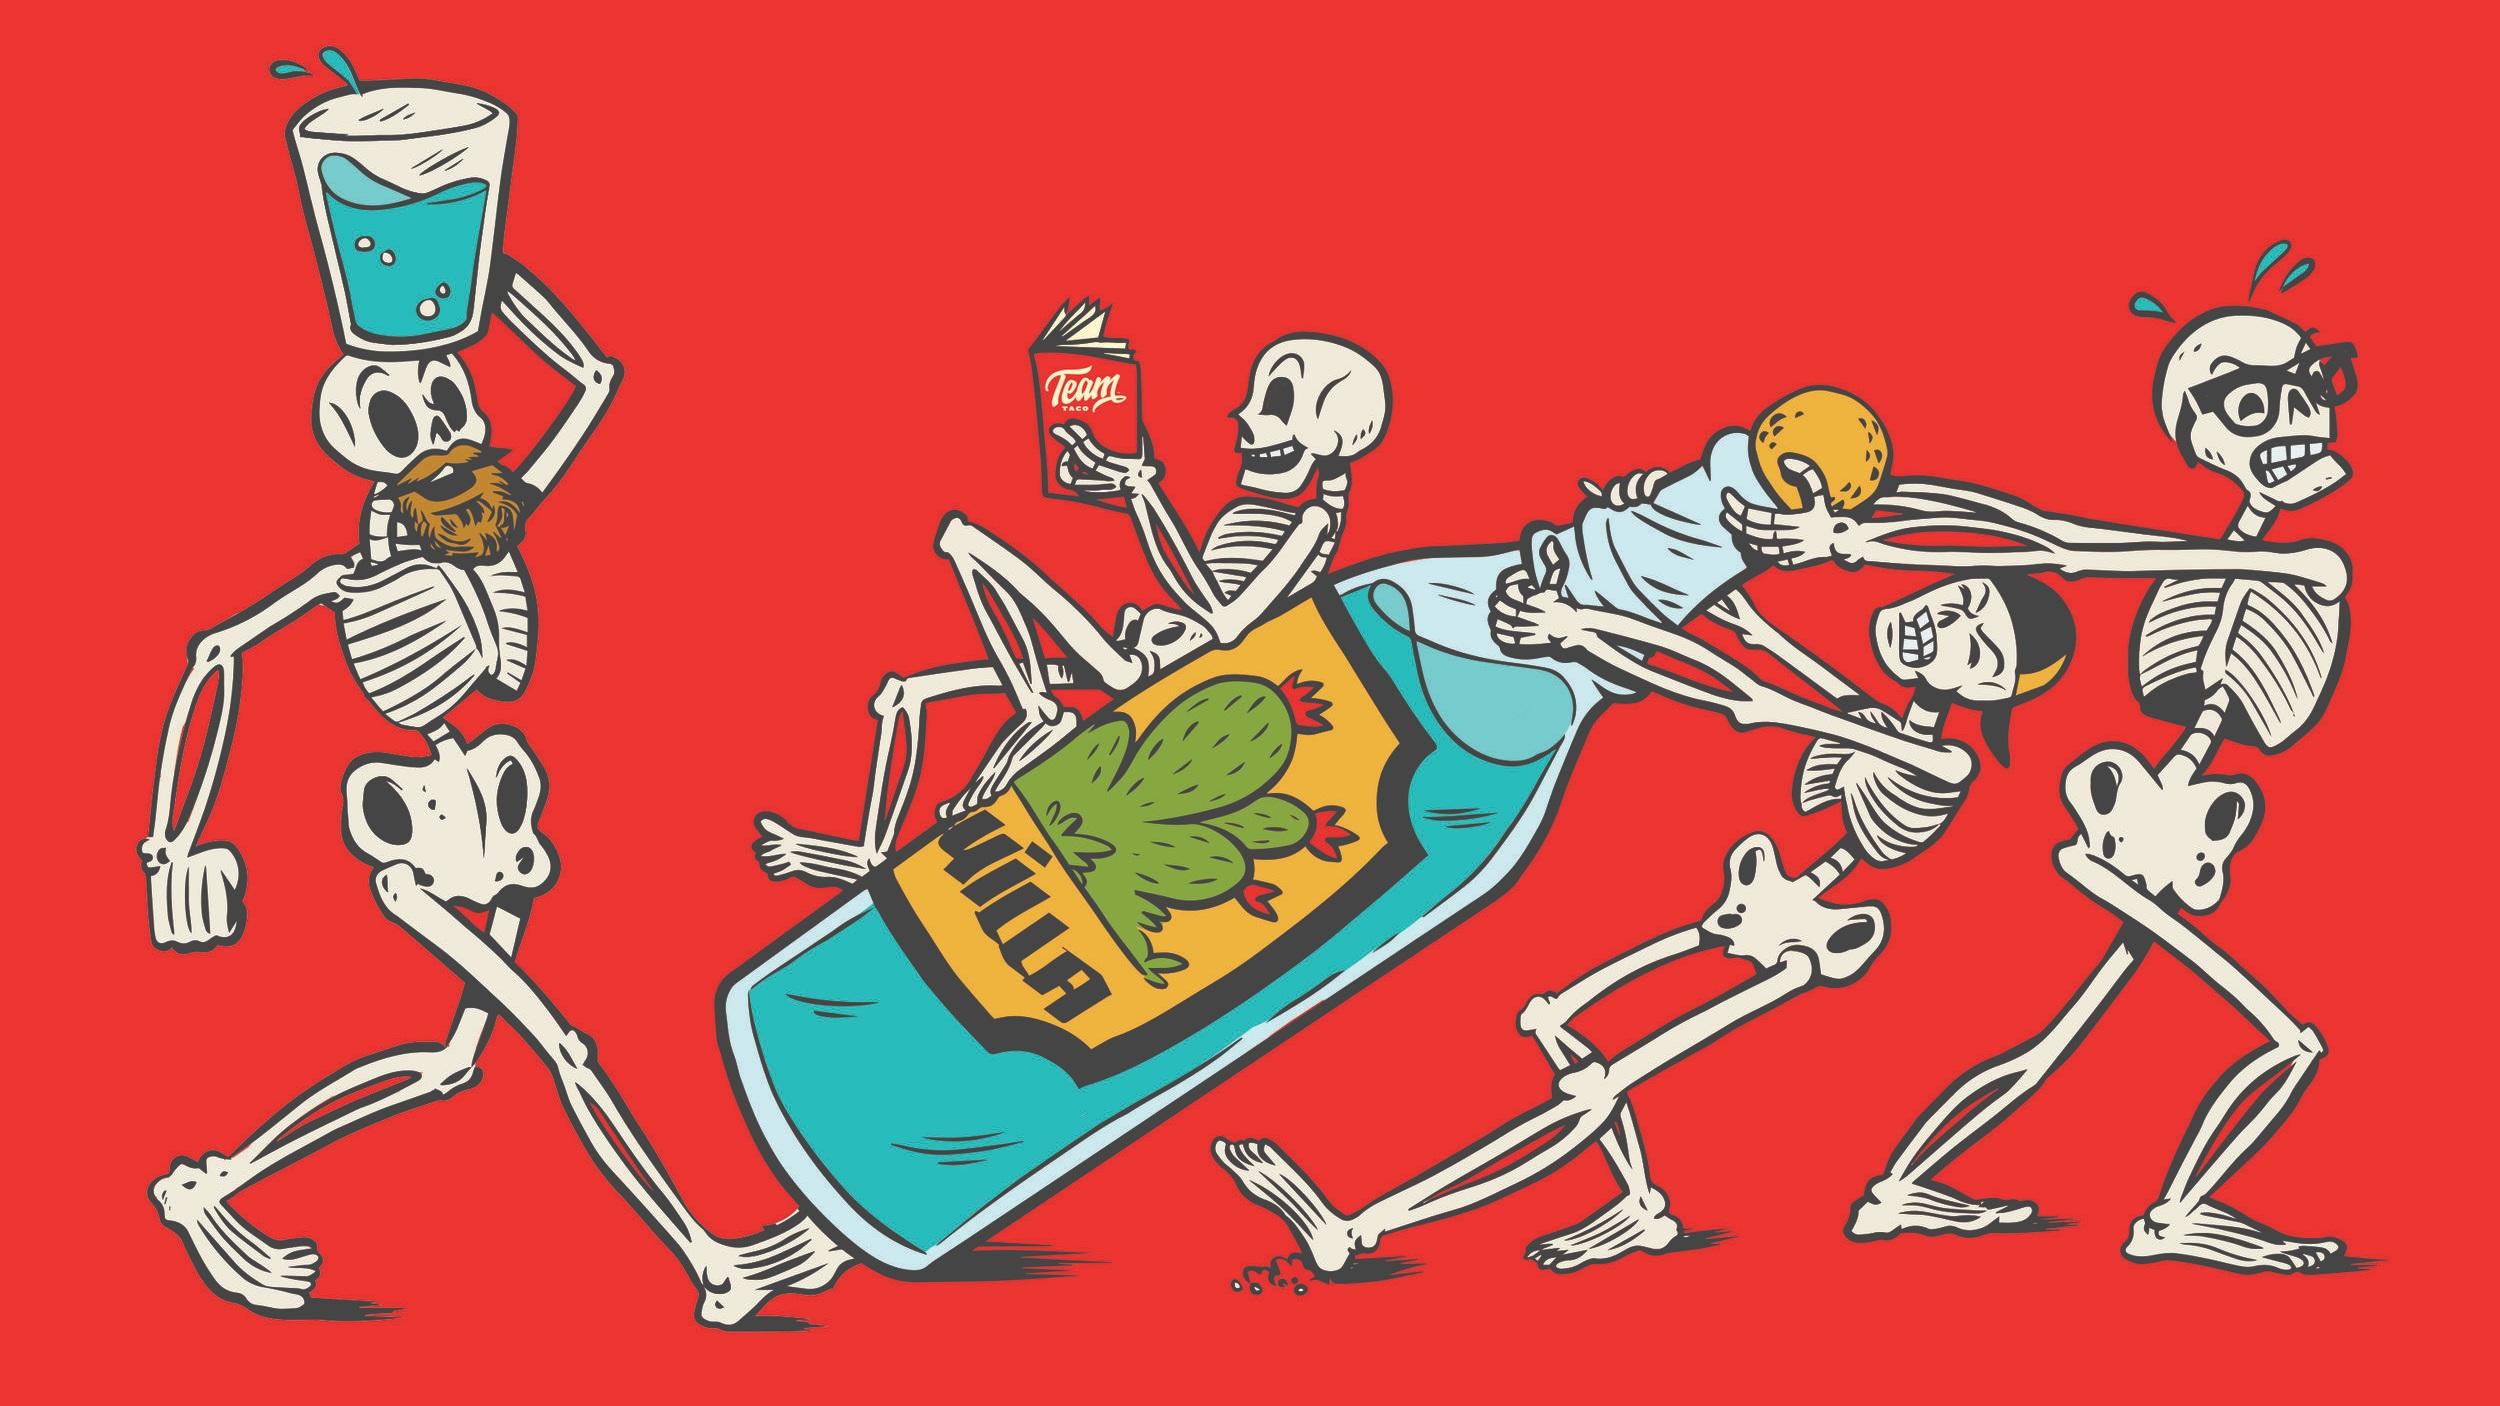 Tequila_Skeletons.jpg